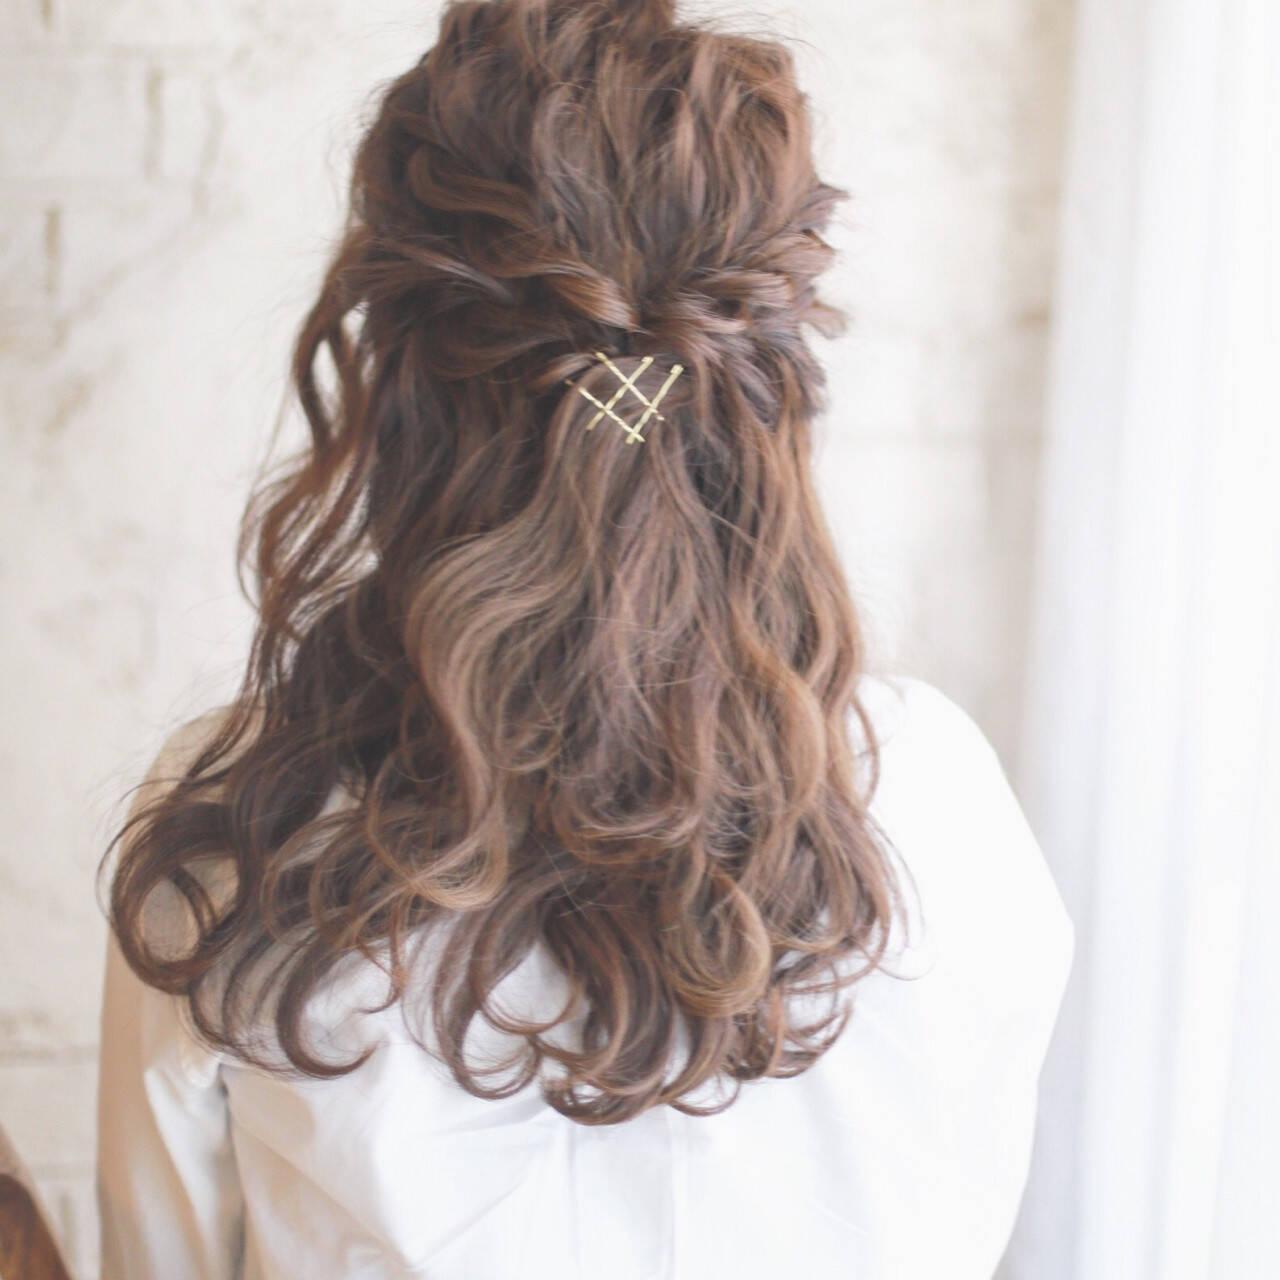 大人かわいい ヘアアレンジ ハーフアップ 簡単ヘアアレンジヘアスタイルや髪型の写真・画像